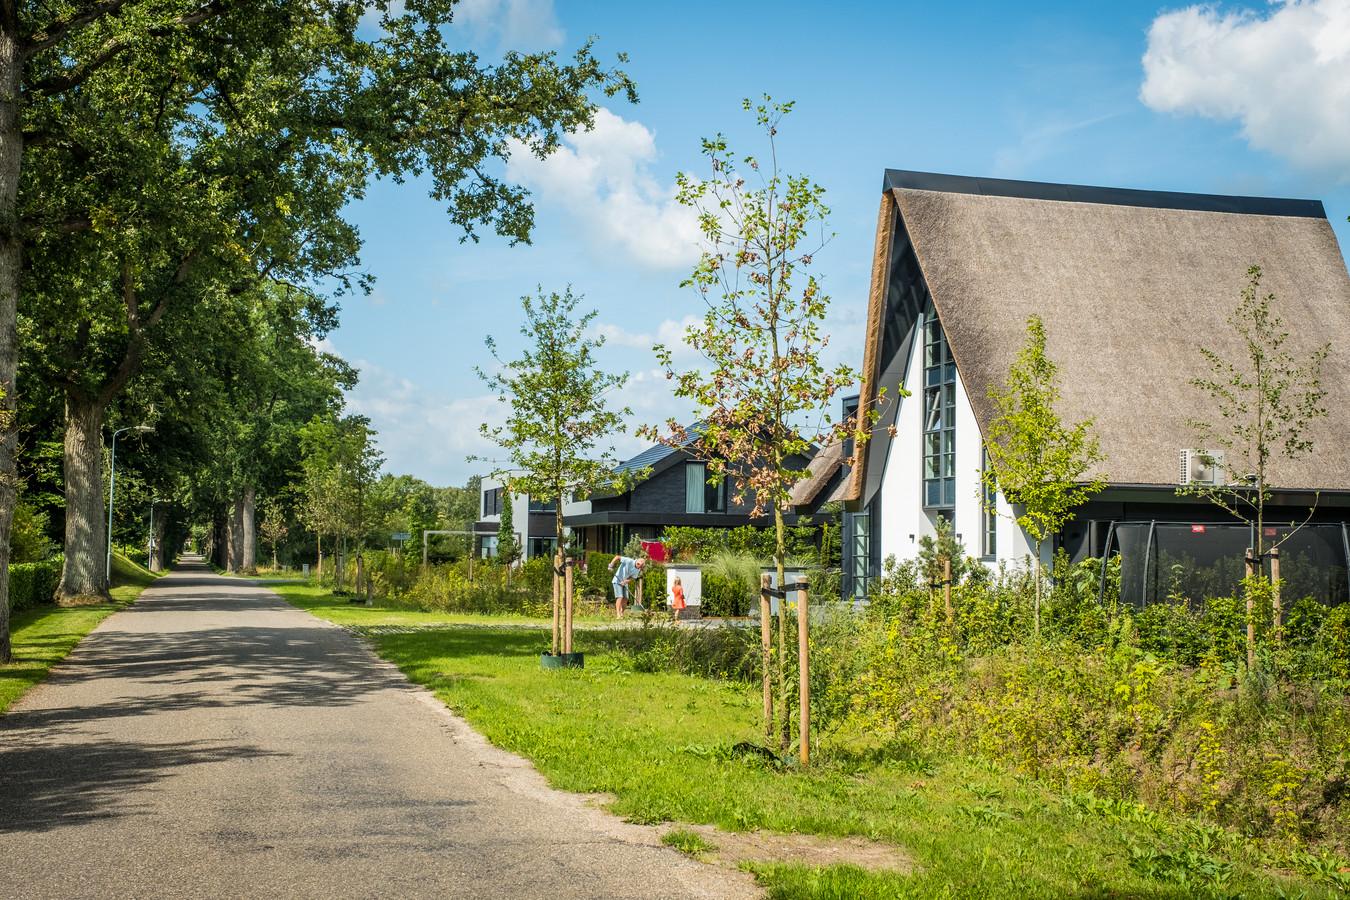 Aan de Konijnenbergerweg waren monumentale eiken gekapt. Daar zijn nu bomen voor teruggeplant. De groene zone rondom het nieuwbouwproject is nog niet volledig gerealiseerd.